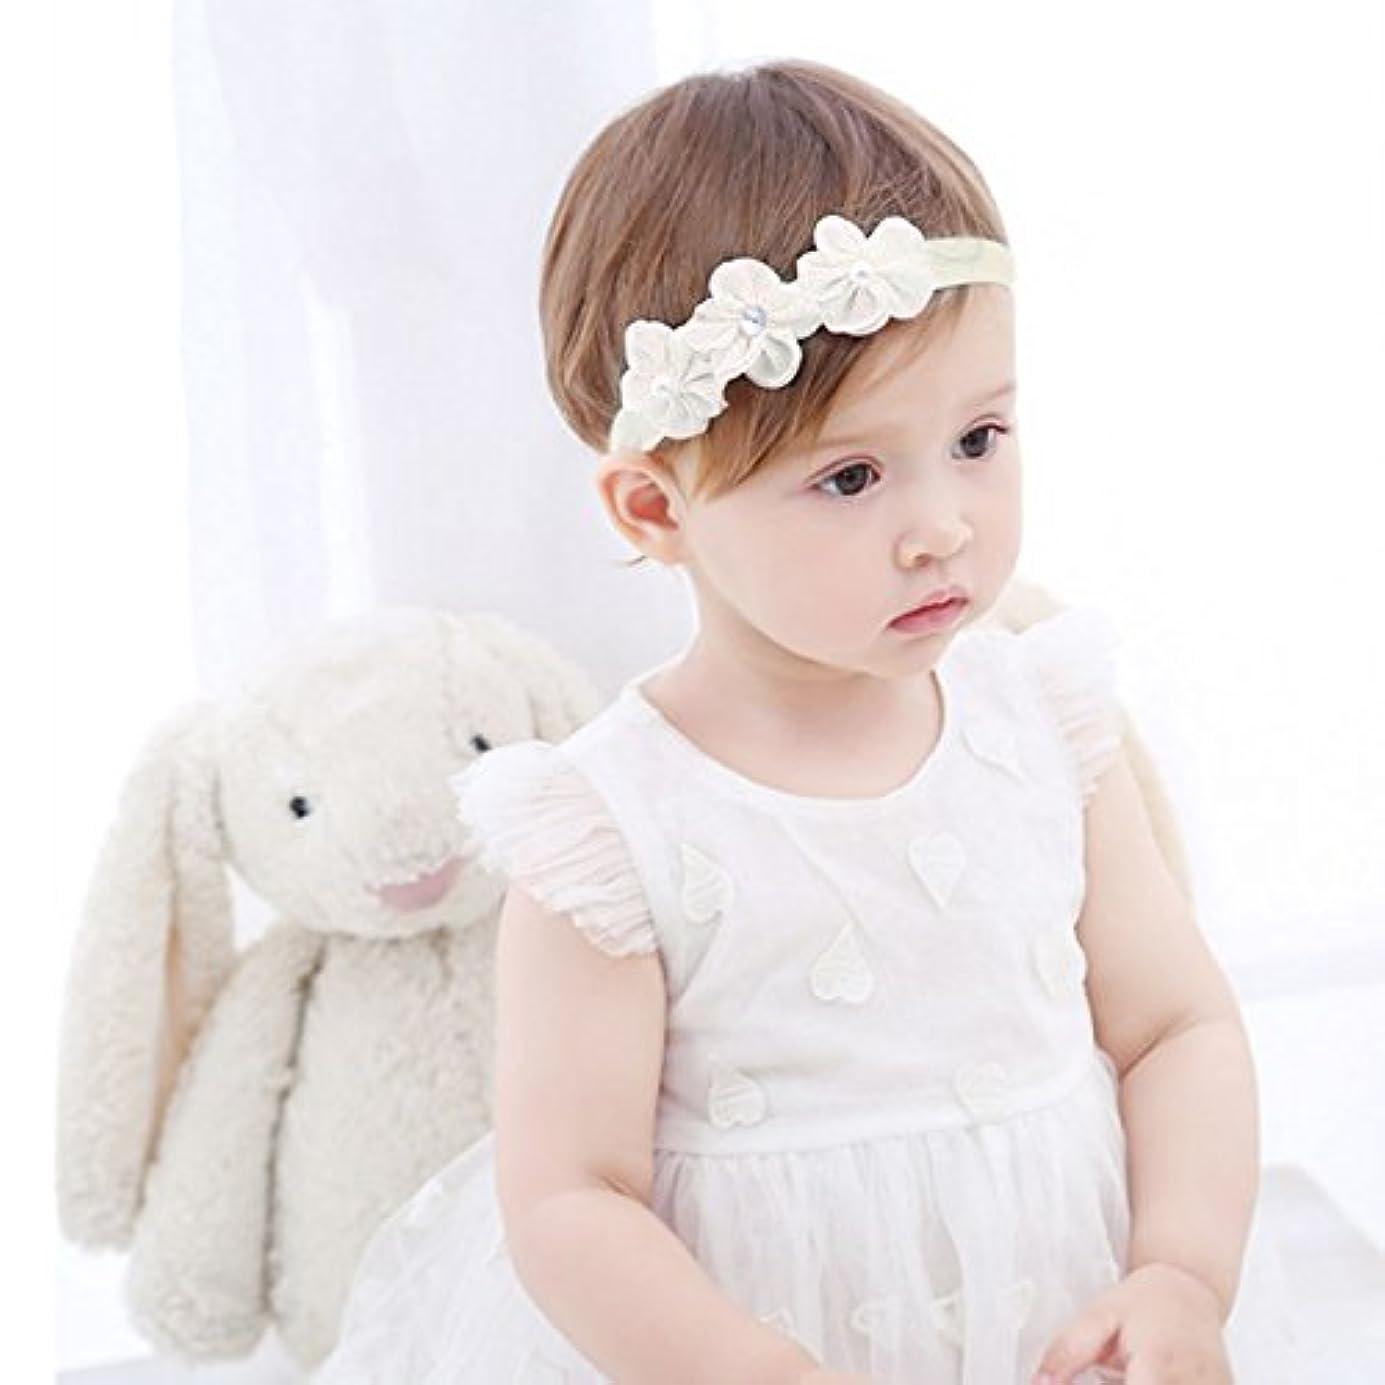 集中的な枕結果としてRefaxi 子供の赤ちゃんかわいい幼児のレースの花のヘアバンドヘッドウェアヘッドバンドアクセサリー